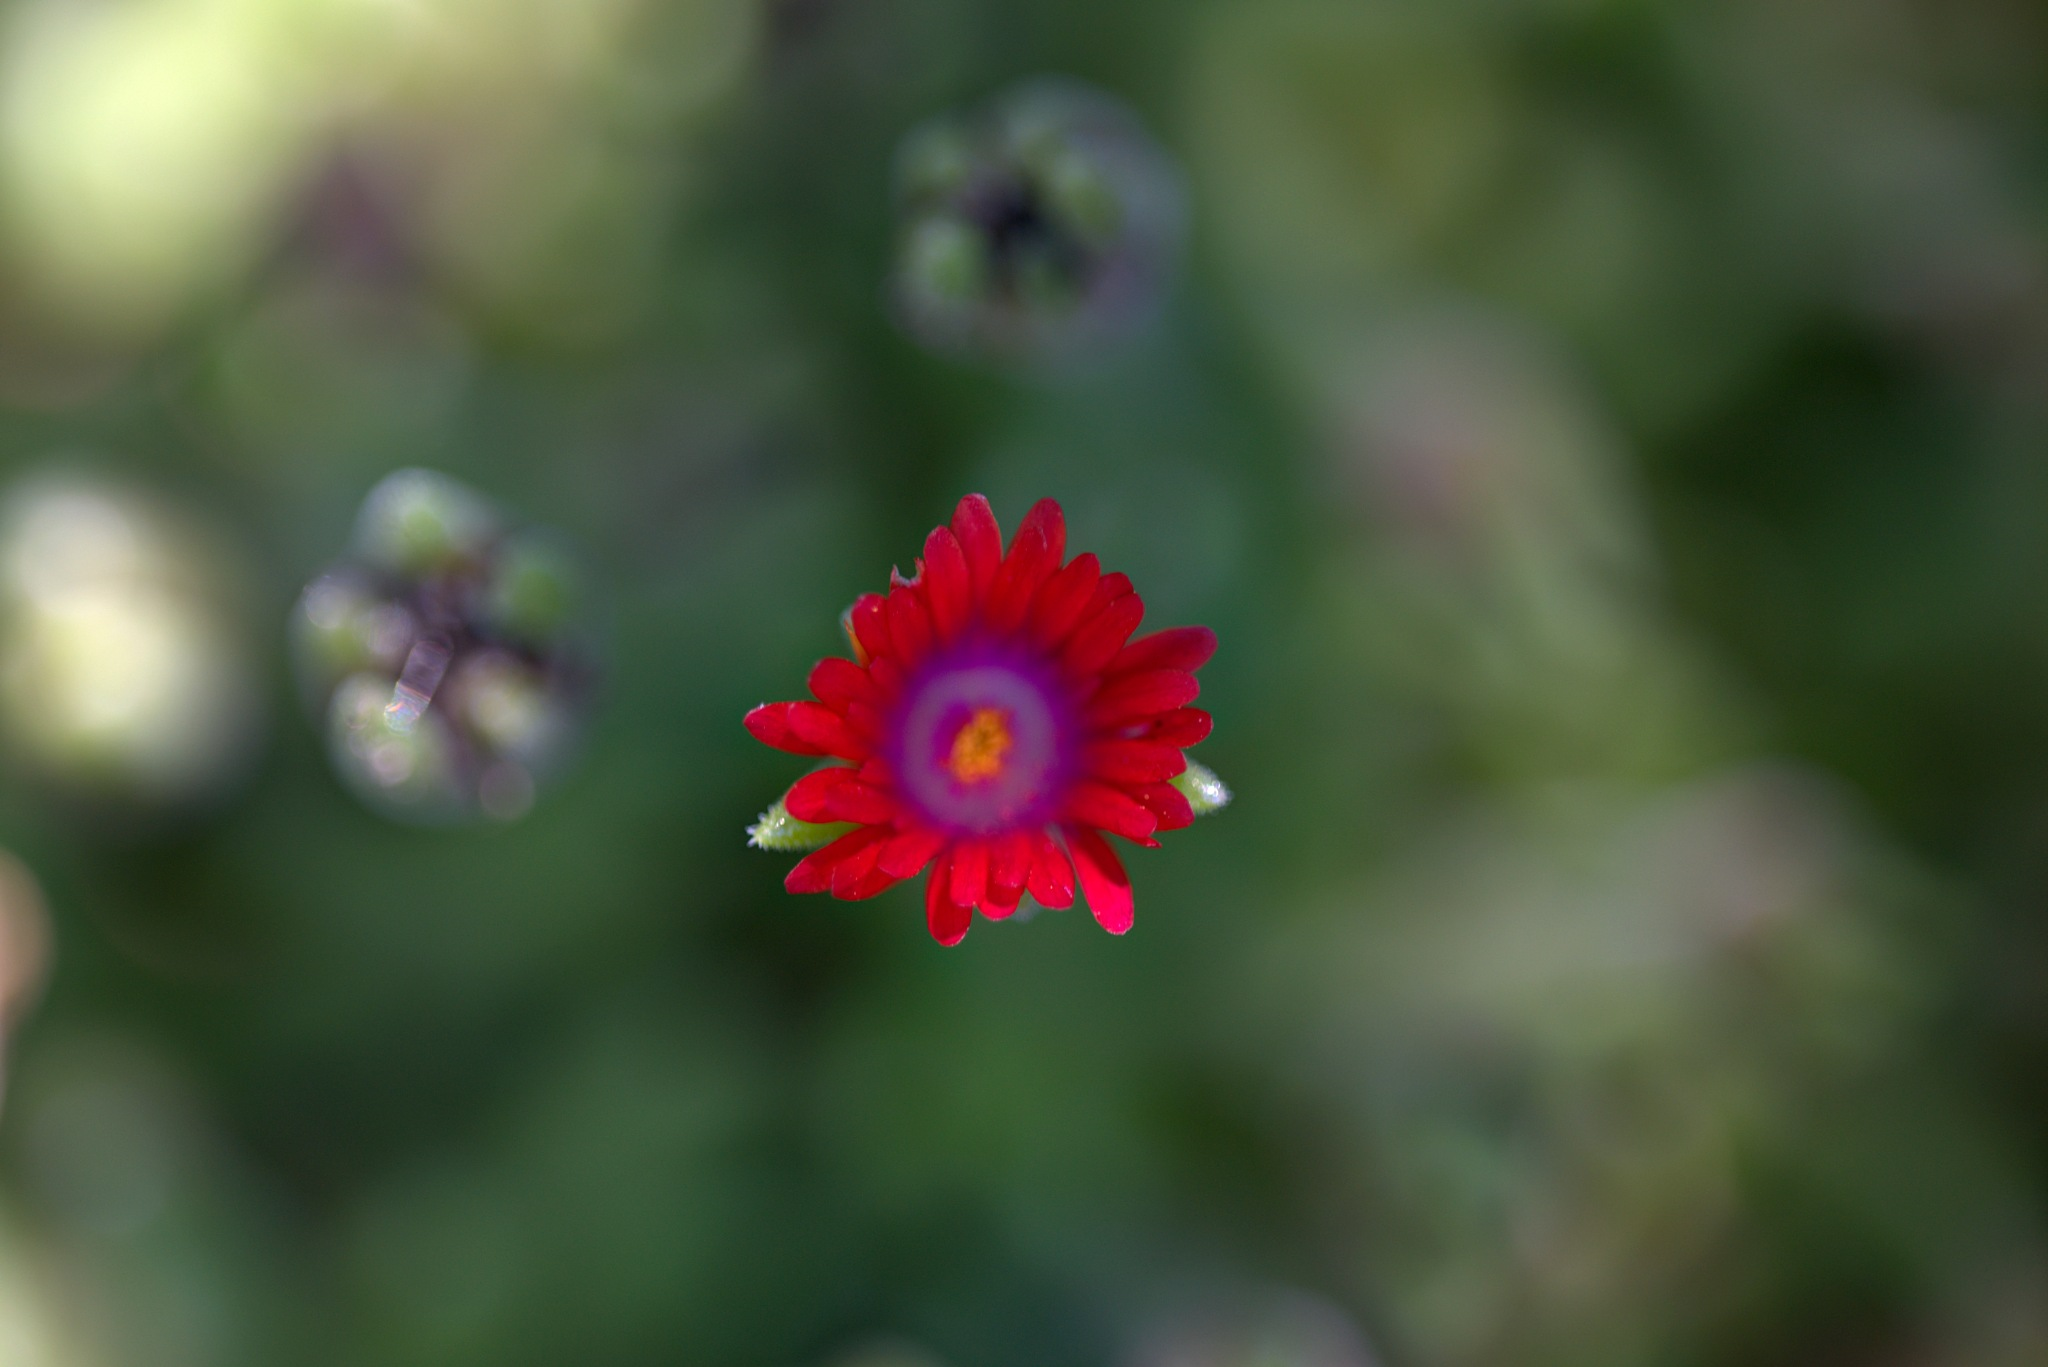 Fleur de plante grasse by bernardf142